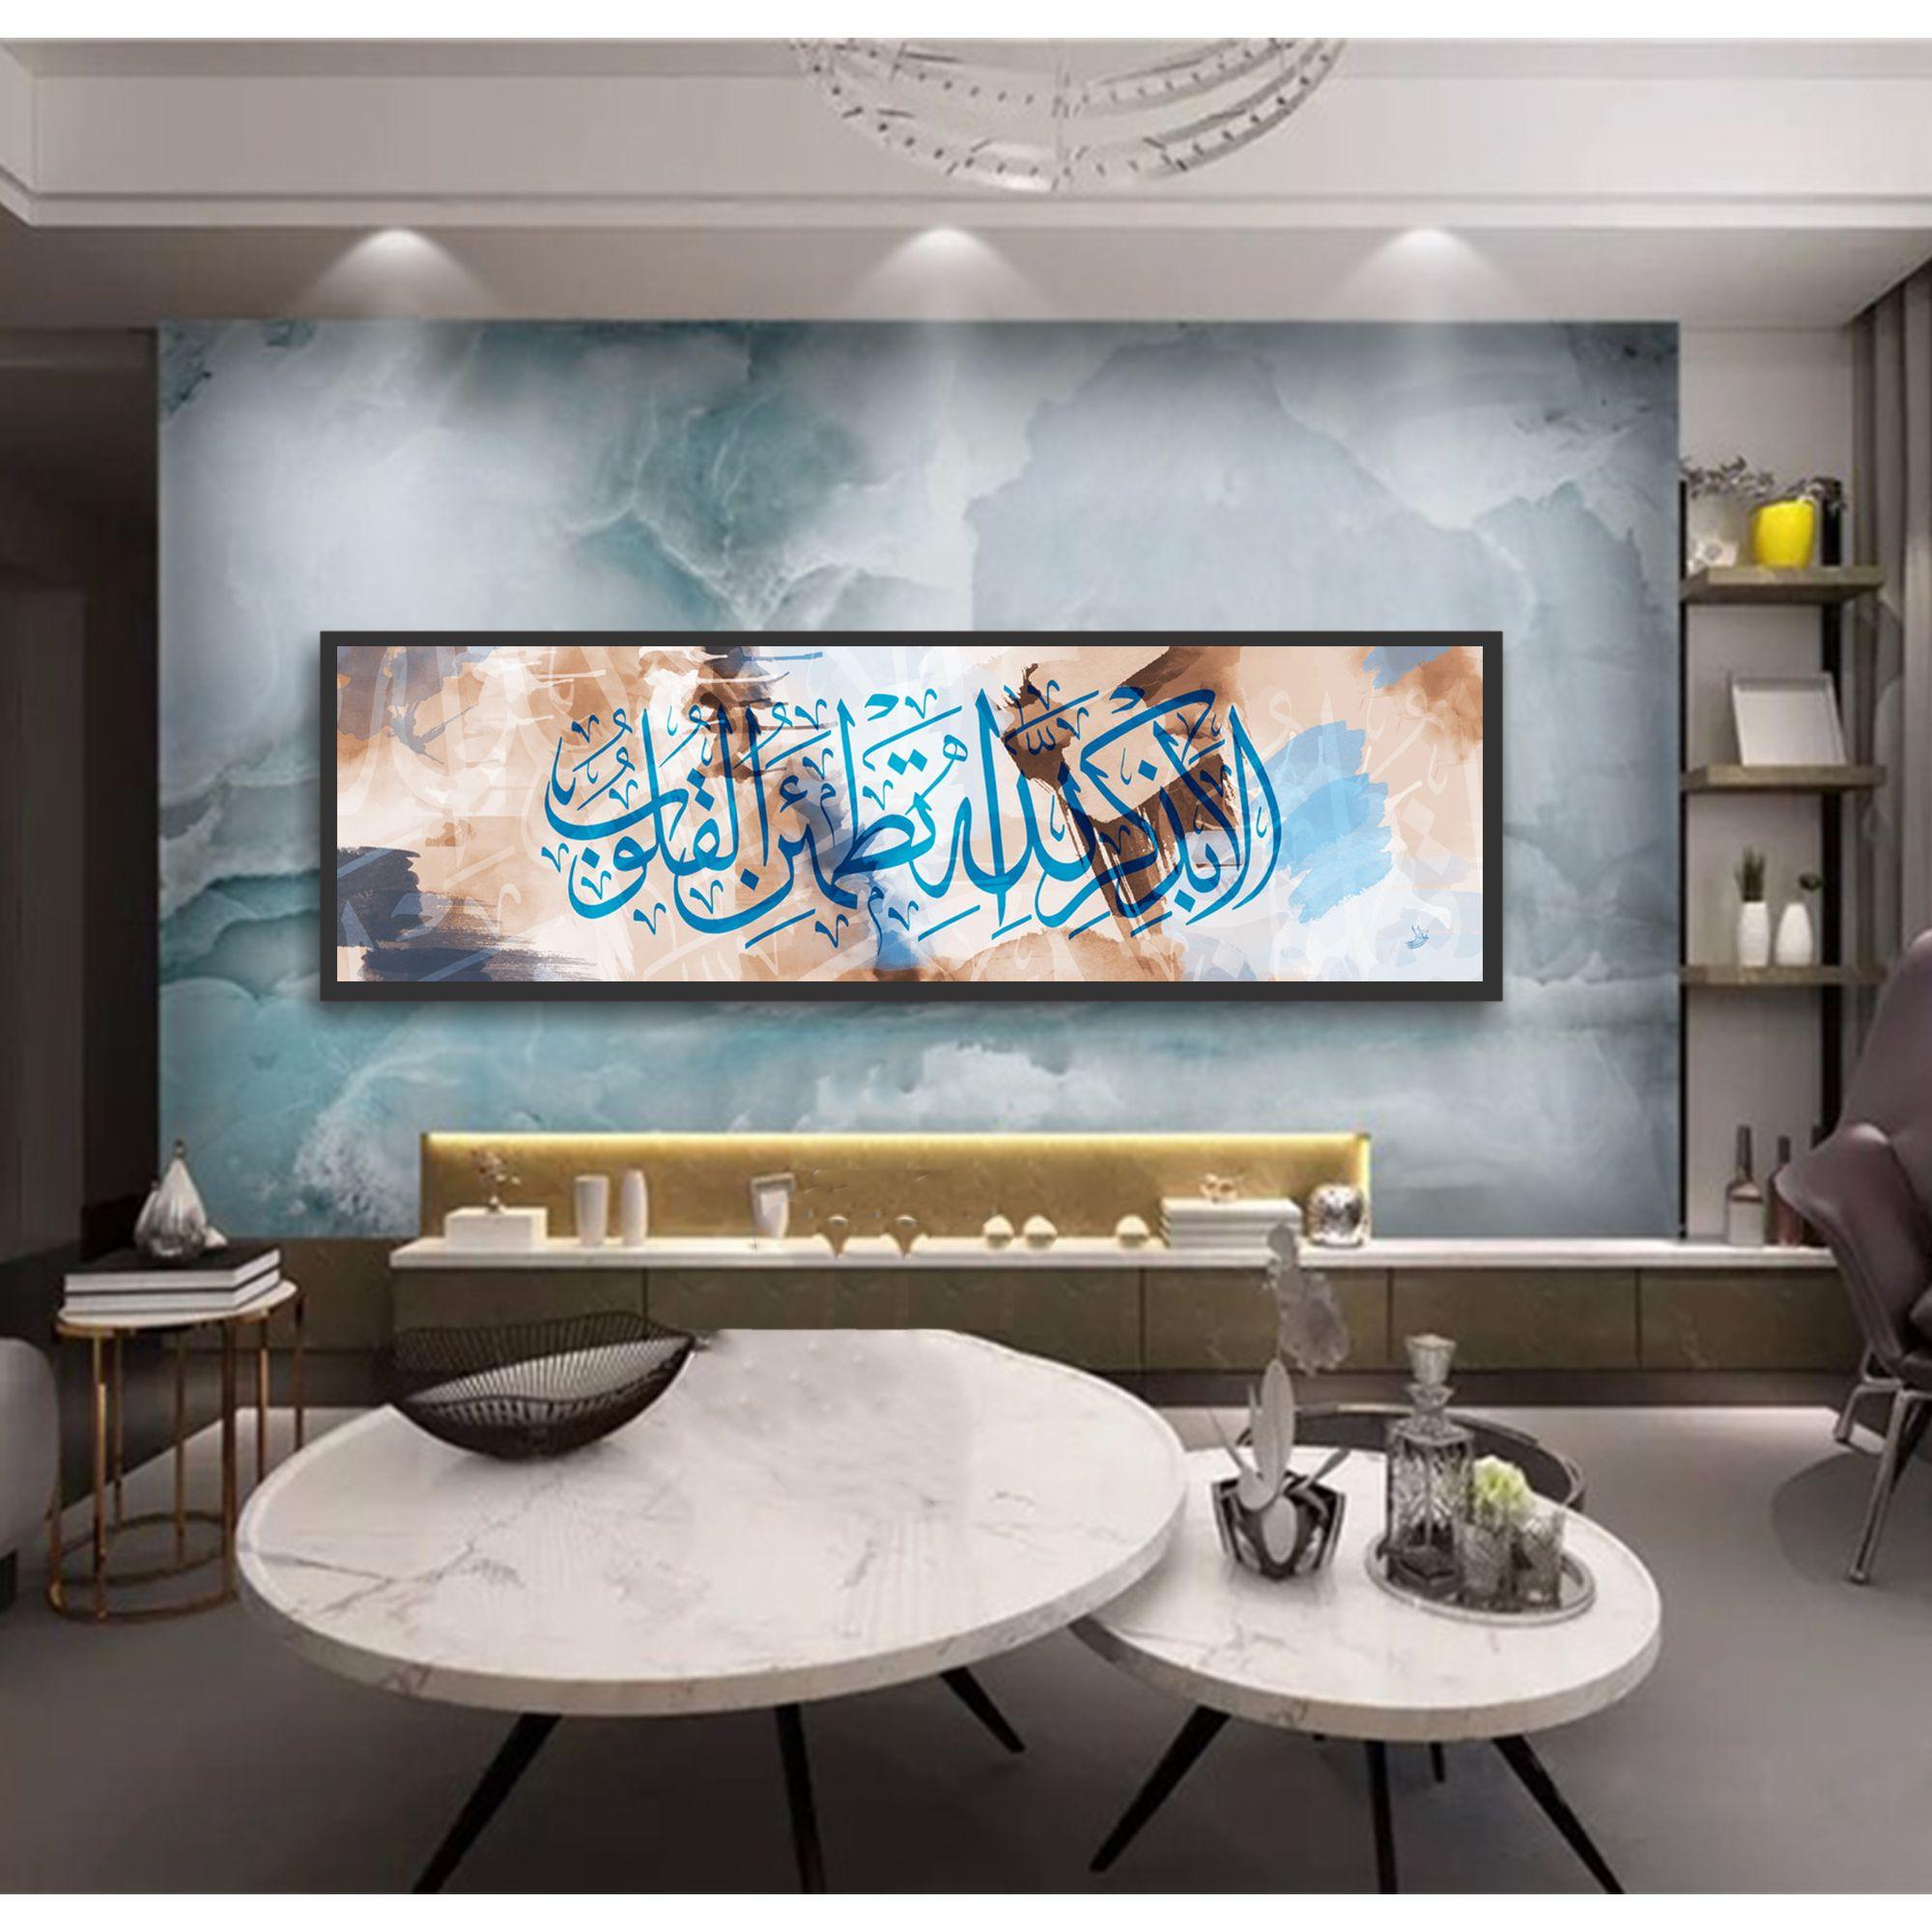 ألا بذكر الله تطمئن القلوب قياس اللوحة 200 ب 50 سم لوحات مميزة بالخط العربي مطبوعة على أجود أنواع قماش ال Calligraphy Wall Art Frame Decor Islamic Calligraphy